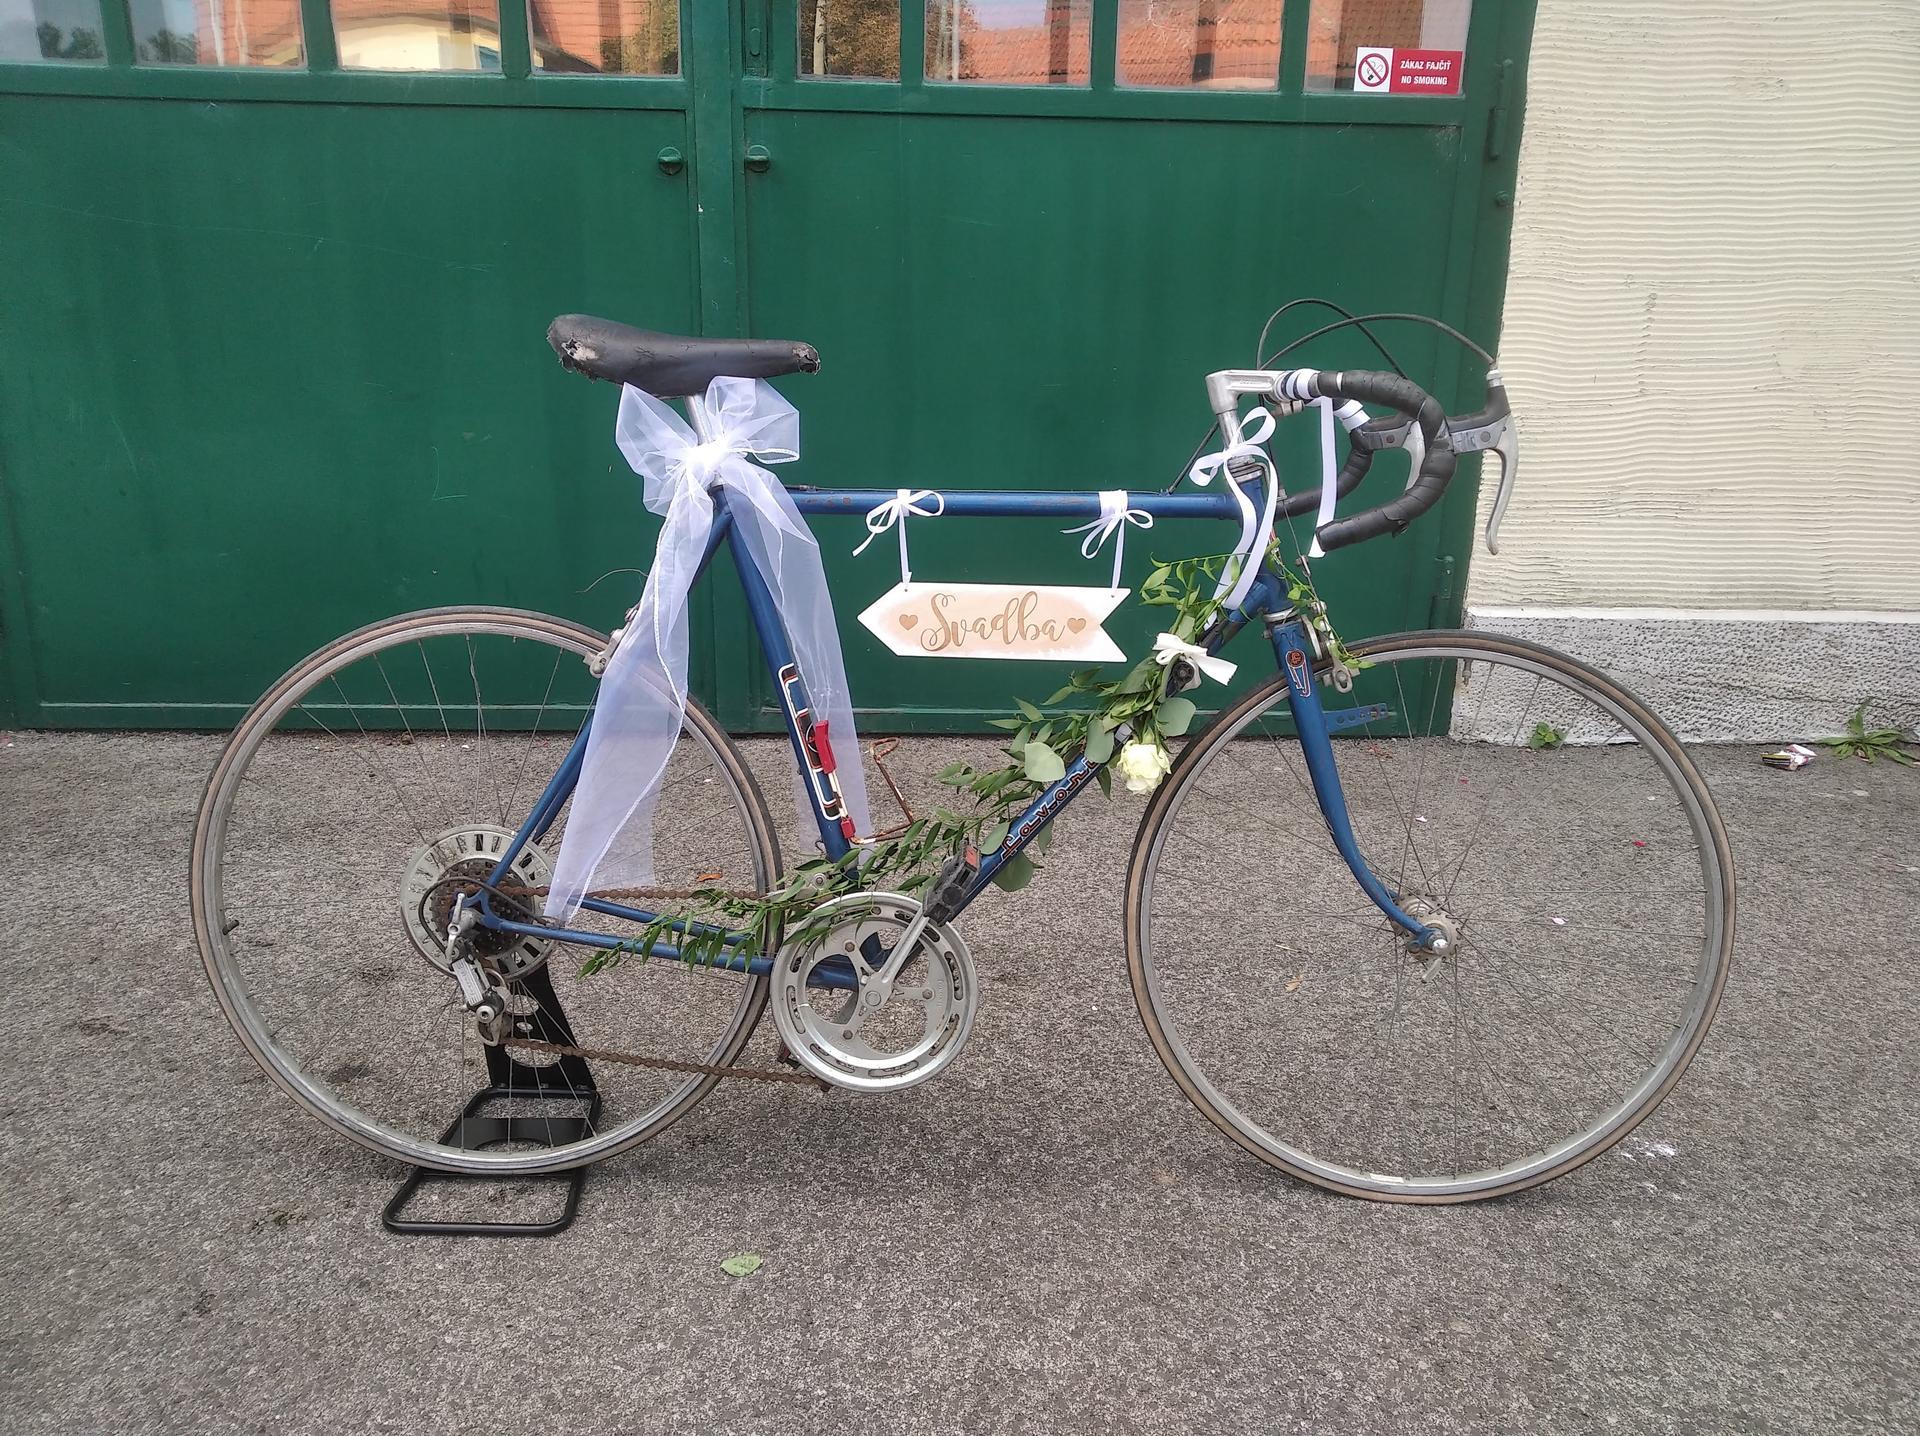 ❤️K&P❤️ Prípravy na náš deň 🥰 - Nás svadobný bicykel. Umiestnený bol inde, pri vstupe do záhrady kde bol obrad. Neskôr v interiéri